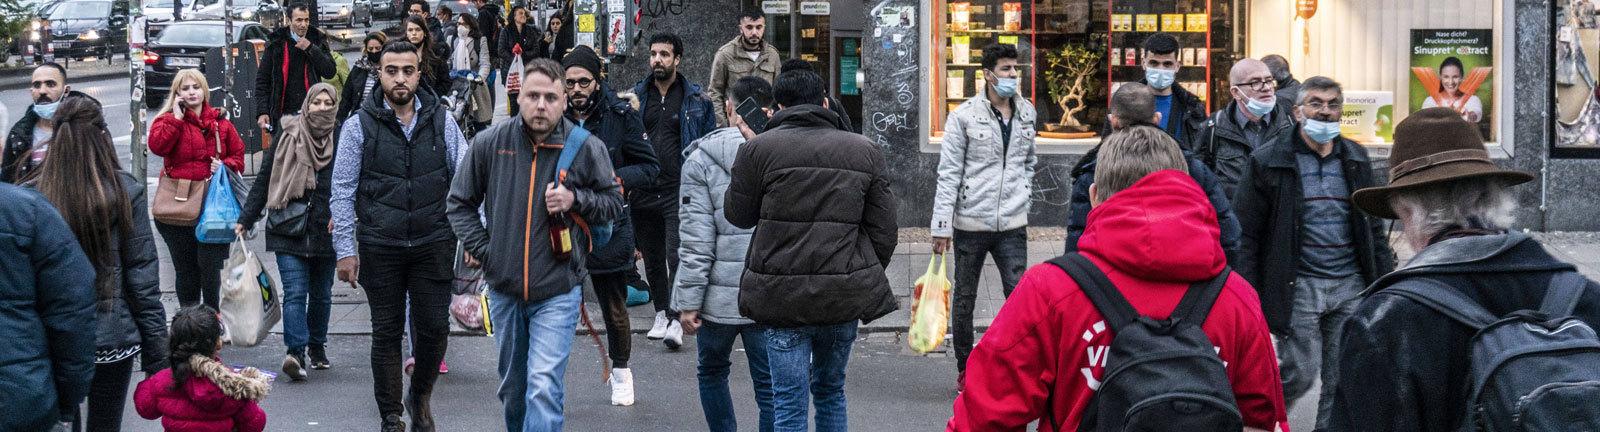 Menschen überqueren eine Straße am Hermannplatz im Stadtteil Neukölln in Berlin.